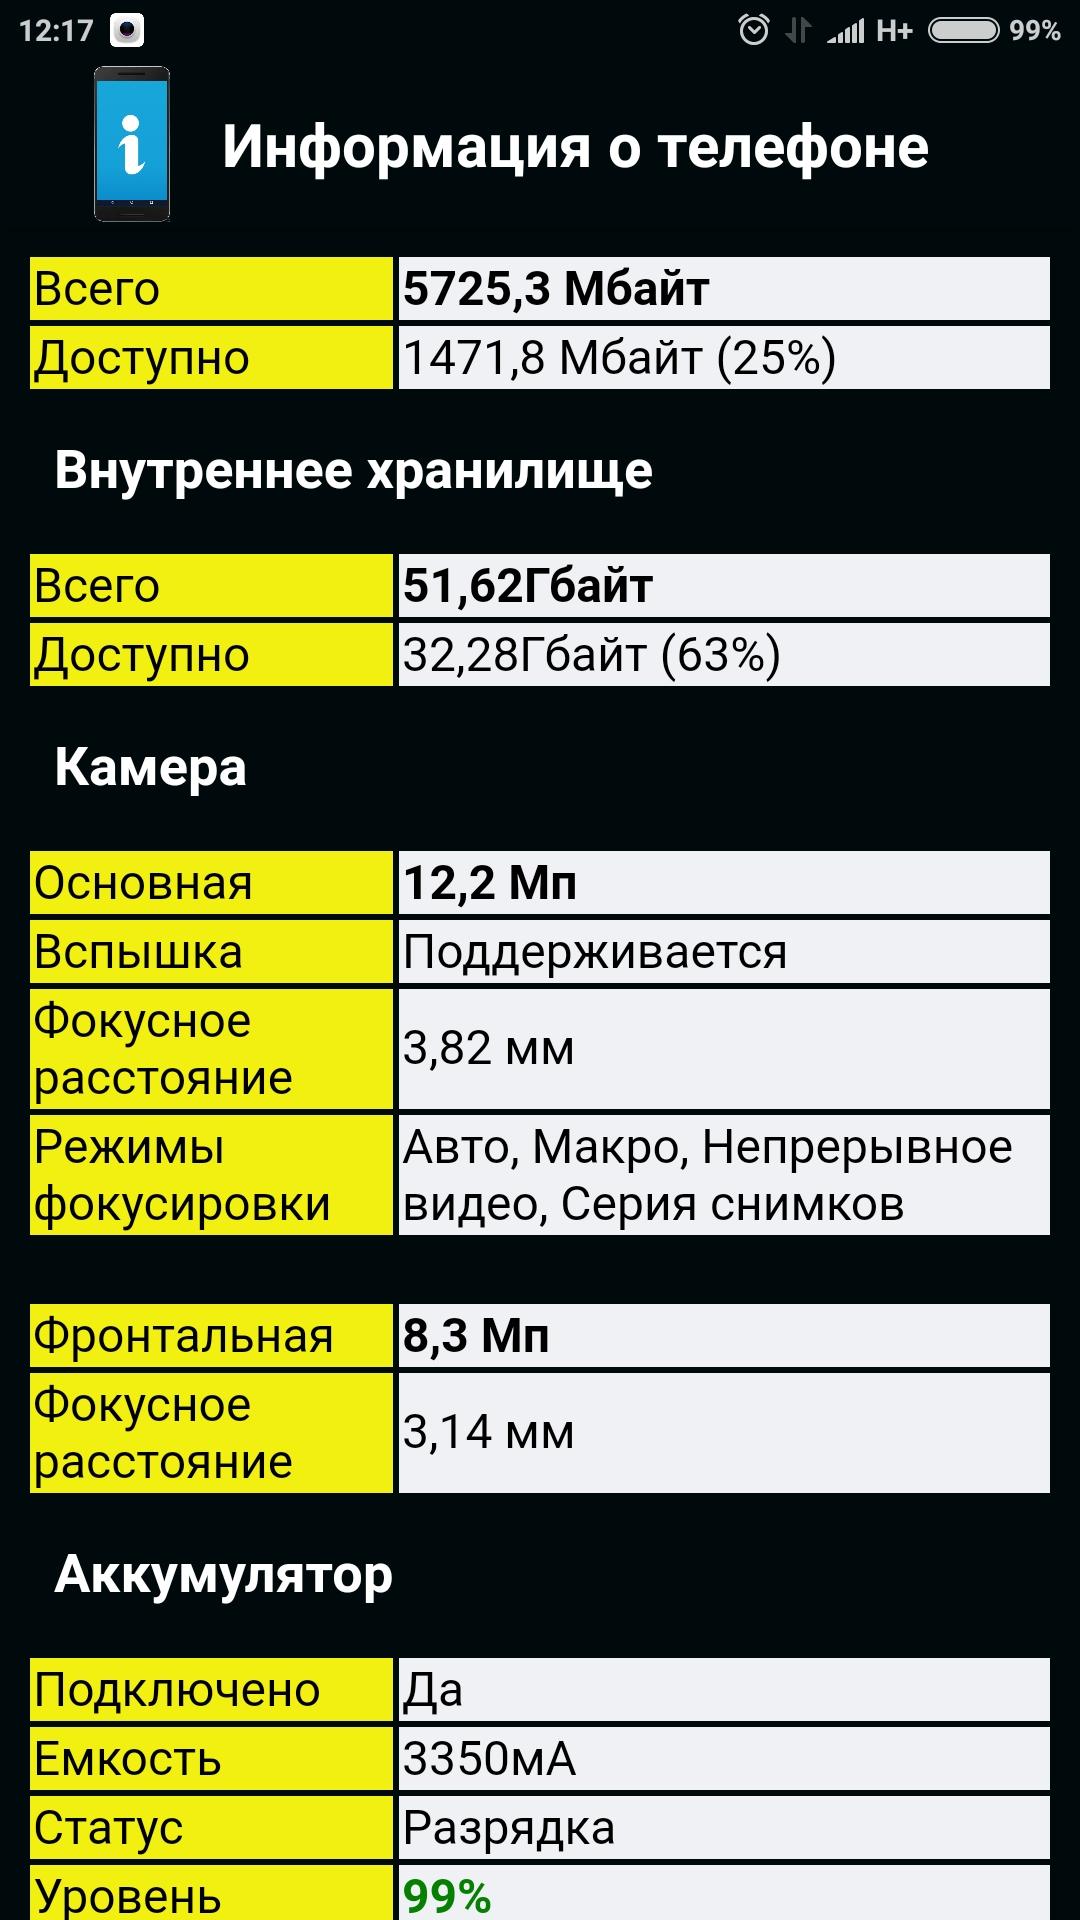 Gta 3 Для Android 4Pda скачать - reportmoreru